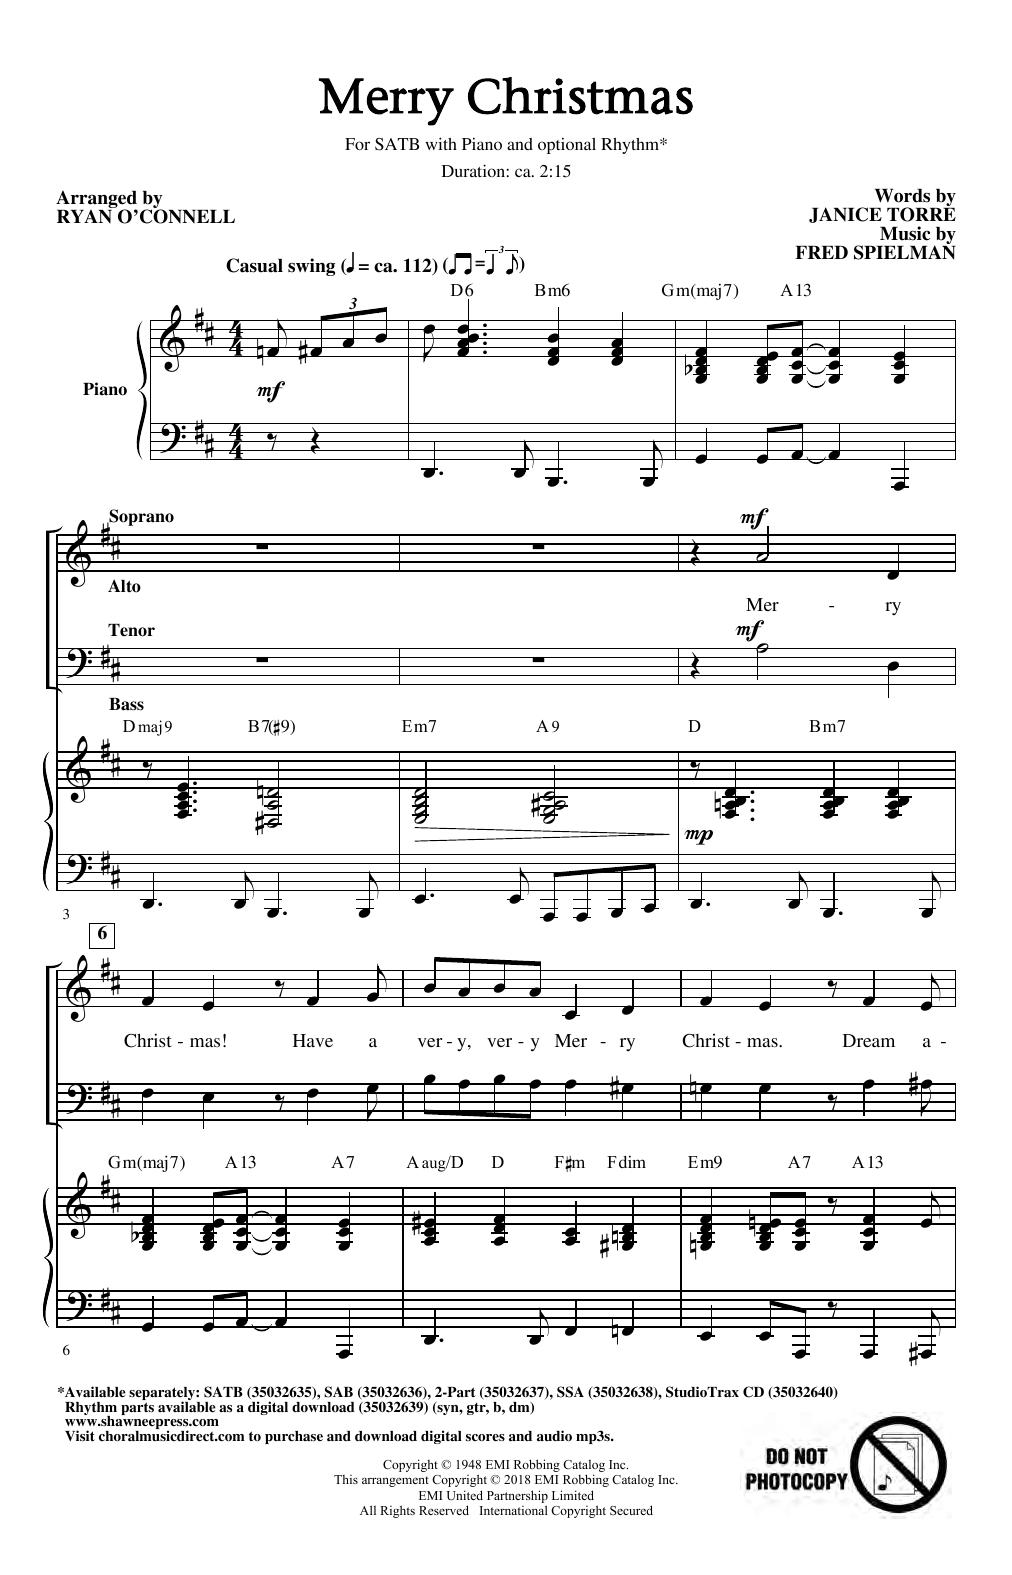 Merry Christmas (arr. Ryan O'Connell) (SATB Choir)